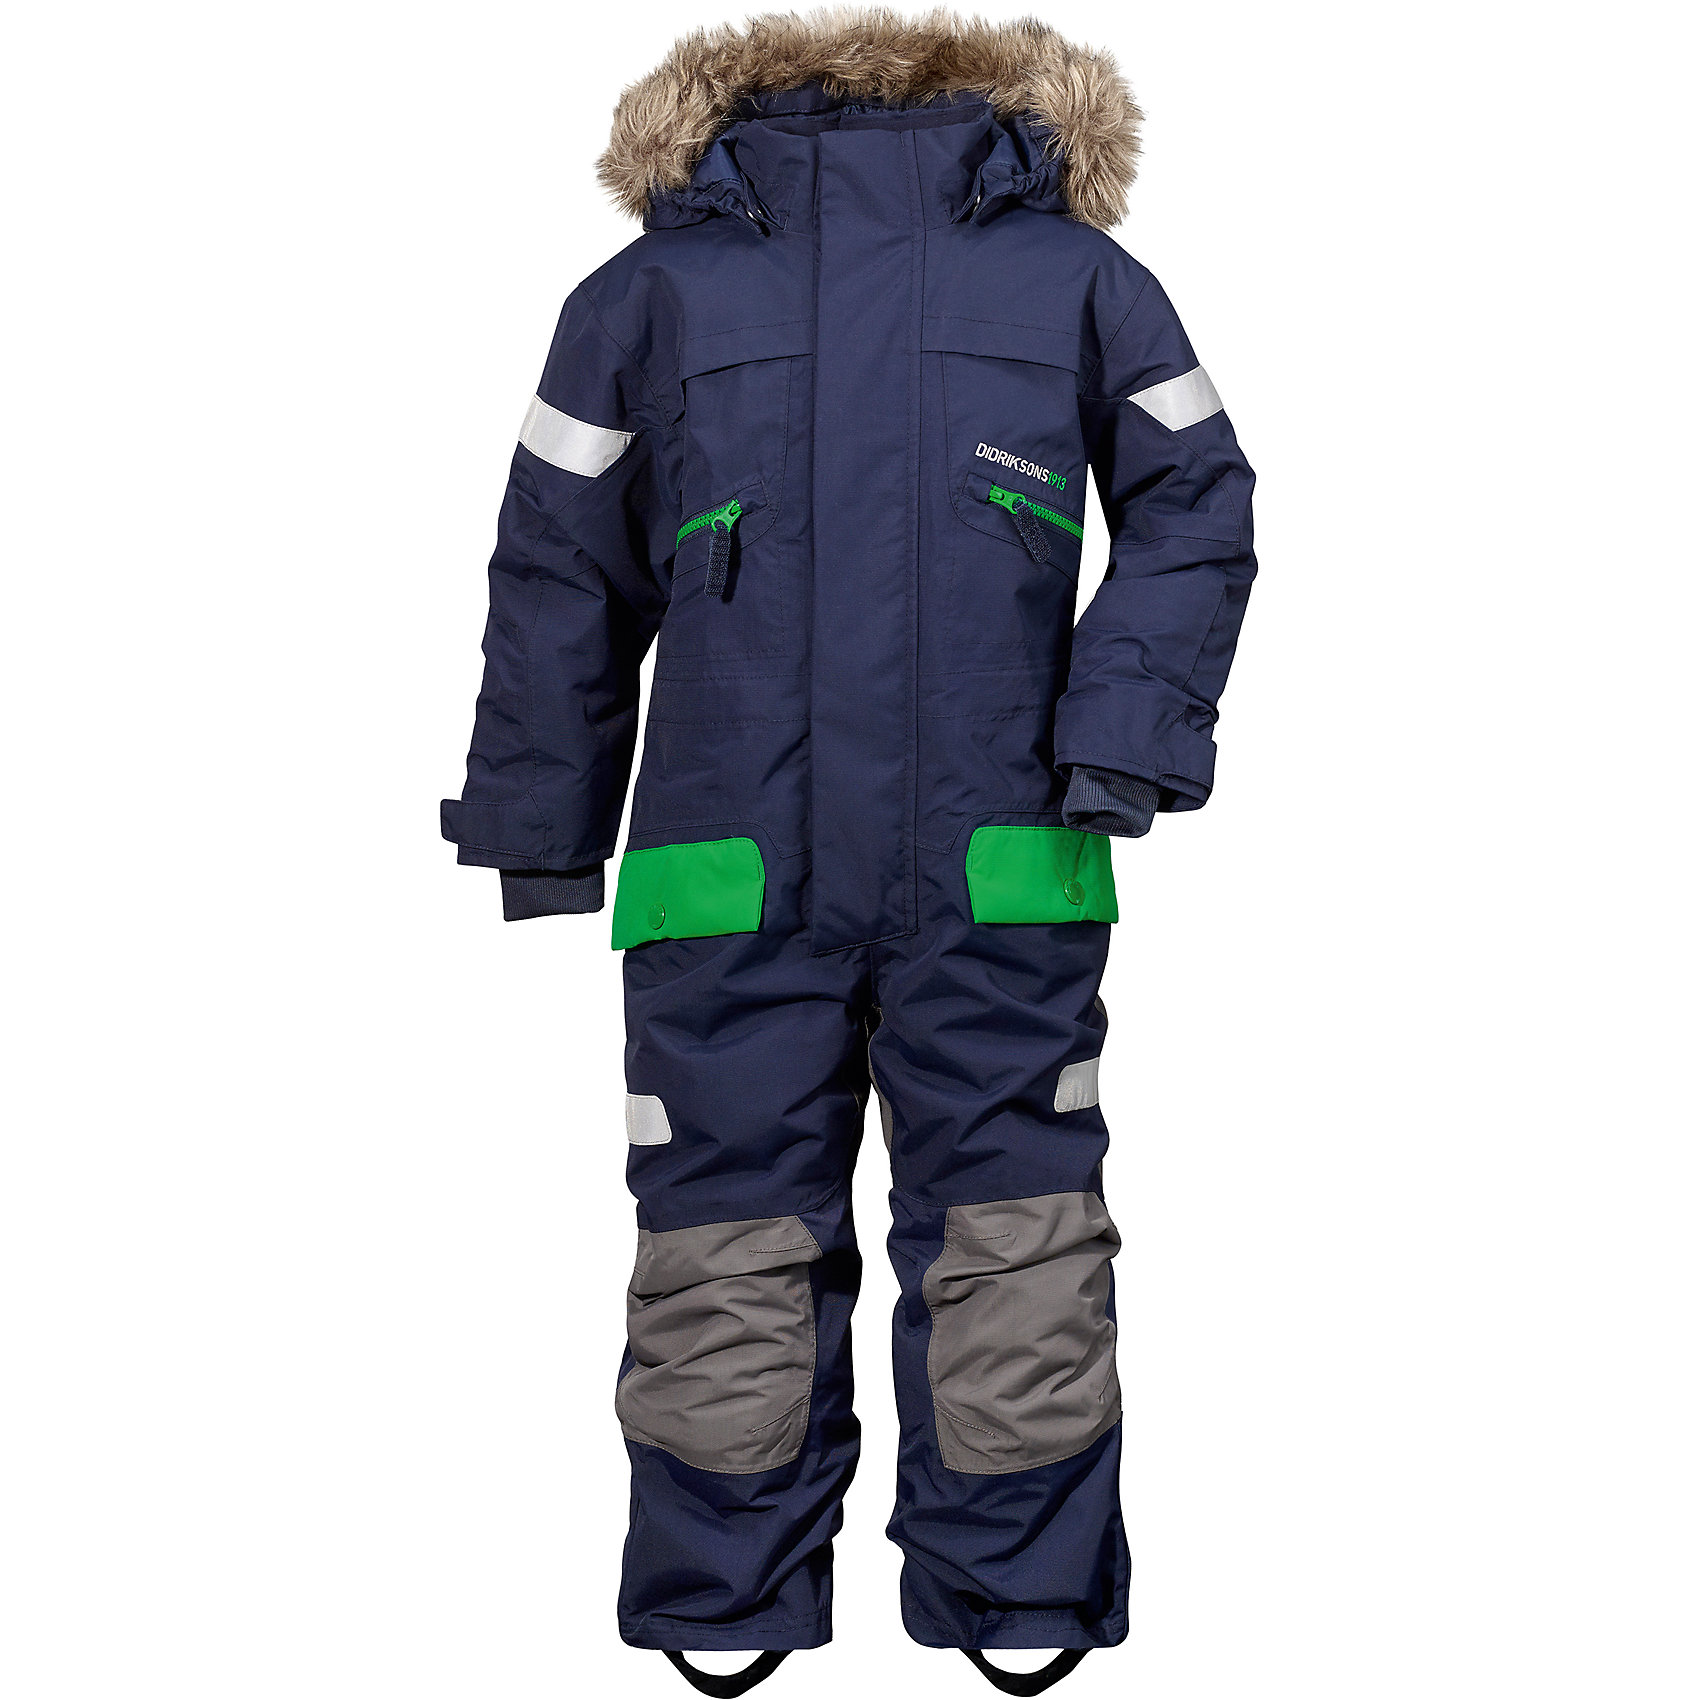 Комбинезон Theron DIDRIKSONSВерхняя одежда<br>Характеристики товара:<br><br>• цвет: синий<br>• материал: 100% полиамид, подкладка 100% полиэстер<br>• утеплитель: 180 г/м<br>• сезон: зима<br>• температурный режим от +5°до -25°С<br>• непромокаемая и непродуваемая мембранная ткань<br>• резинки для ботинок<br>• дополнительная пропитка верха<br>• прокленные швы<br>• регулируемый съемный капюшон<br>• талия, манжеты и ширина брючины регулируется<br>• внутренние гетры<br>• внутренние трикотажные манжеты<br>• фронтальная молния под планкой<br>• светоотражающие детали<br>• можно увеличить длину рукавов и штанин на один размер <br>• страна бренда: Швеция<br>• страна производства: Бангладеш<br><br>Такой комбинезон незаменим зимой! Это не только стильно, но еще и очень комфортно, а также тепло. Он обеспечит ребенку удобство при прогулках и активном отдыхе зимой. Комбинезон от шведского производителя легко трансформируется под рост ребенка и погодные условия.<br>Модель сшита из мембранной ткани, которая позволяет телу дышать, но при этом не промокает и не продувается. Очень стильная и удобная модель! Изделие качественно выполнено, сделано из безопасных для детей материалов. <br><br>Комбинезон от бренда DIDRIKSONS можно купить в нашем интернет-магазине.<br><br>Ширина мм: 356<br>Глубина мм: 10<br>Высота мм: 245<br>Вес г: 519<br>Цвет: синий<br>Возраст от месяцев: 36<br>Возраст до месяцев: 48<br>Пол: Мужской<br>Возраст: Детский<br>Размер: 100,120,90,80,110<br>SKU: 5003849